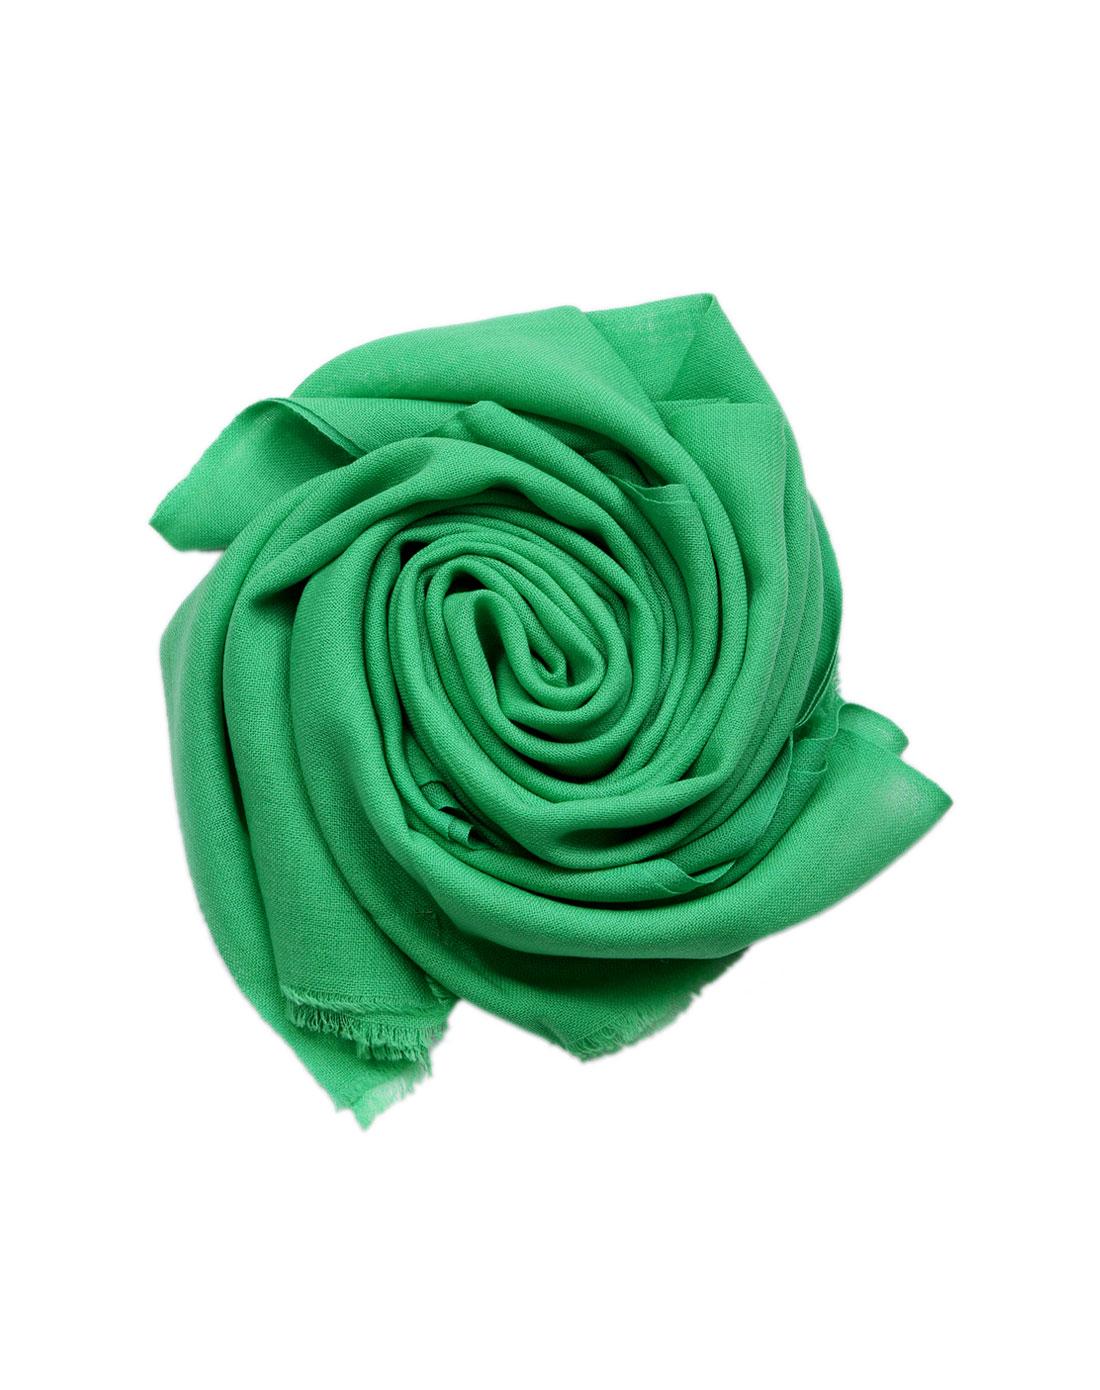 纯绿色壁纸1920x1080